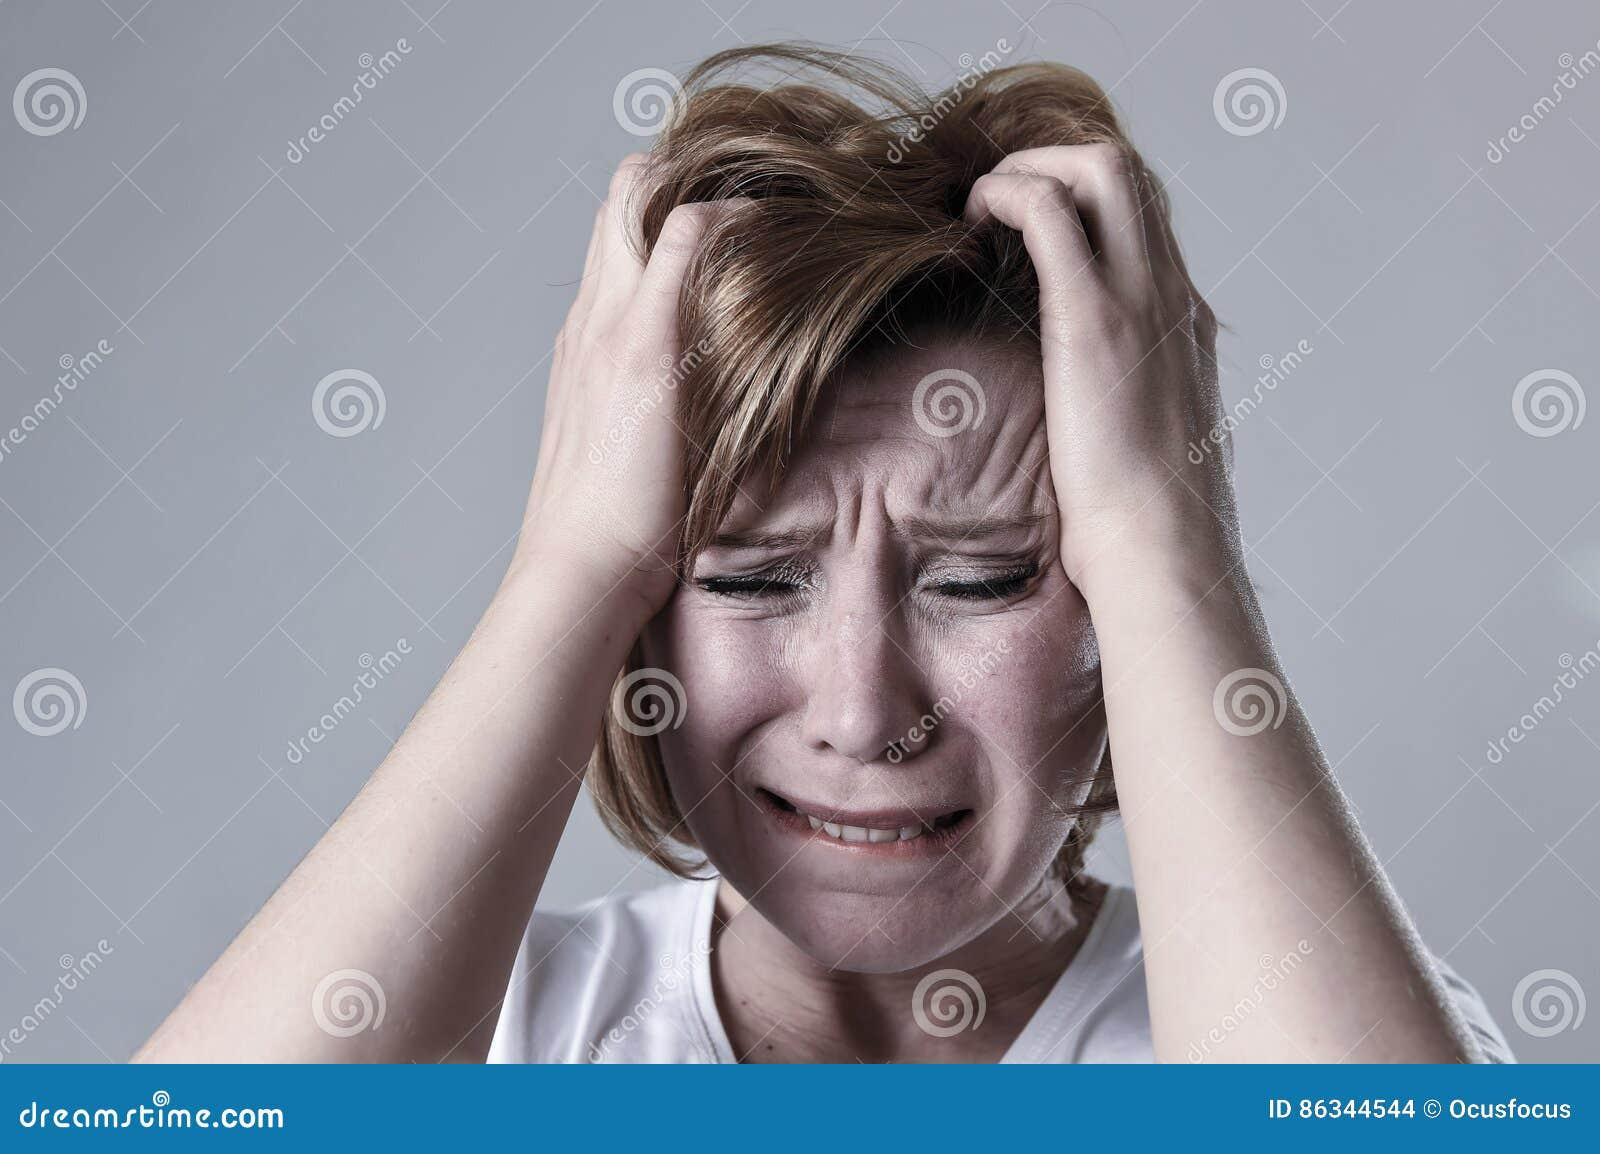 Devastated presionó la depresión sufridora lastimada gritadora de la sensación triste de la mujer en la emoción de la tristeza